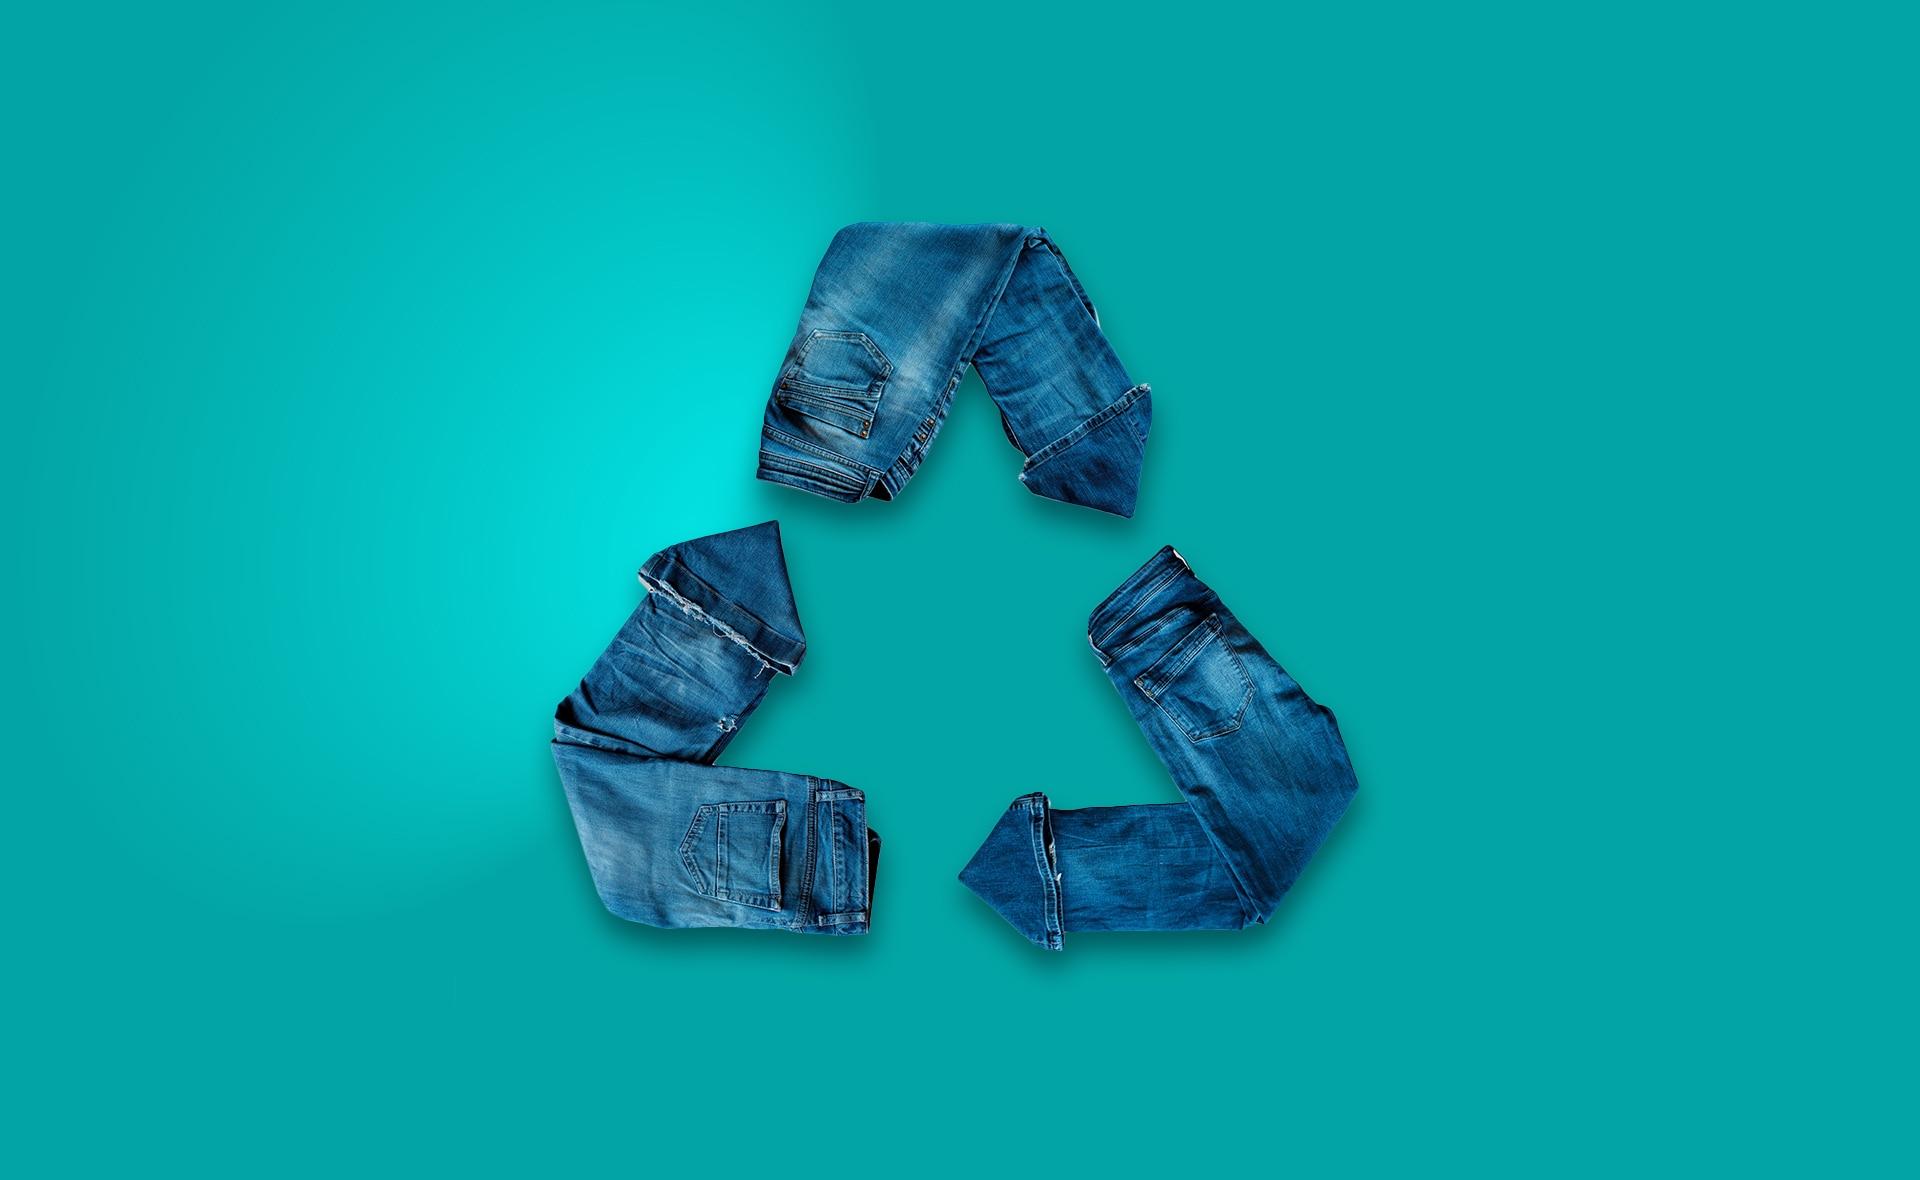 moda_sostenible-ropa-Herramientas- producción-impacto-social-ambiental